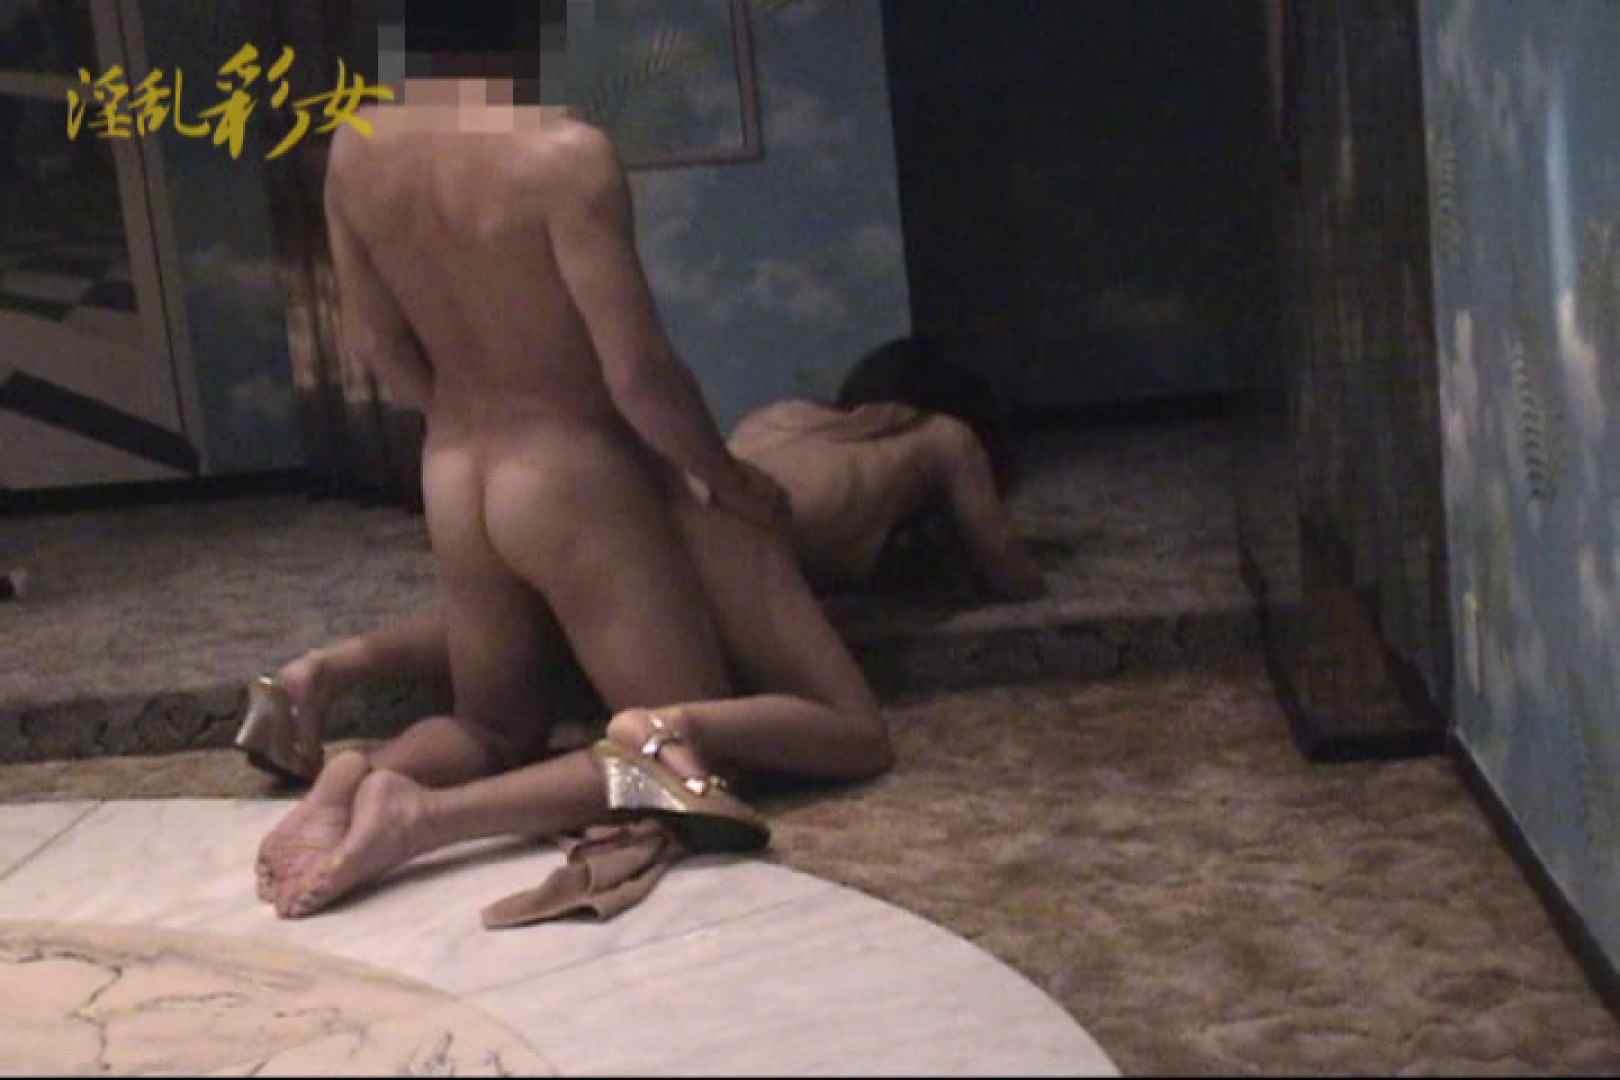 淫乱彩女 麻優里 ホテルで3P絶倫編2 ホテル | 一般投稿  94pic 21